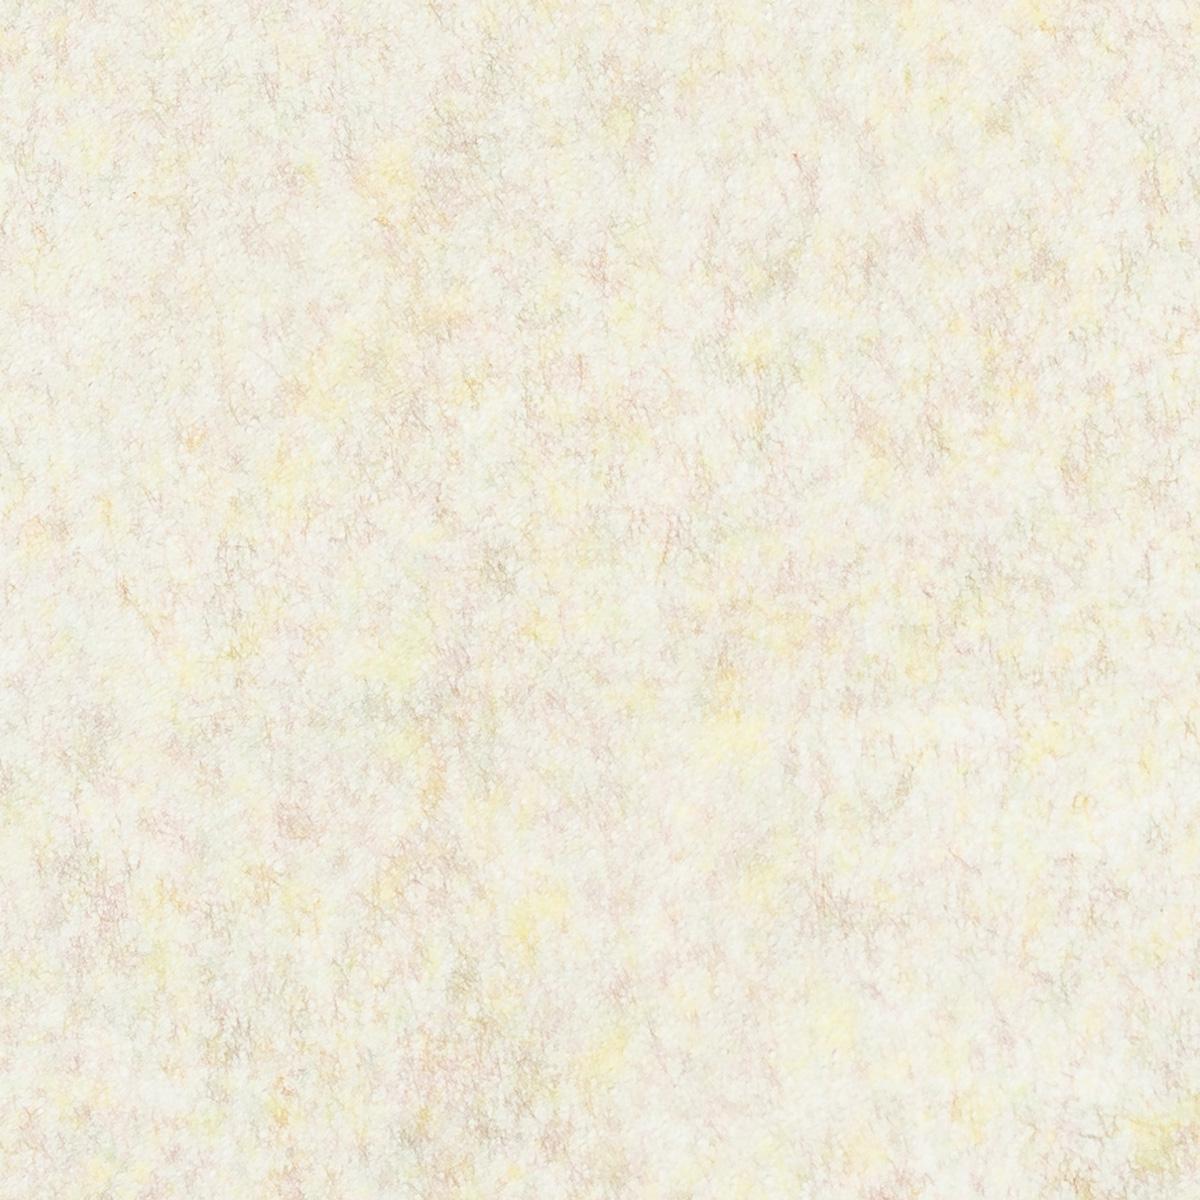 典具帖紙 ふぶき染 No.30